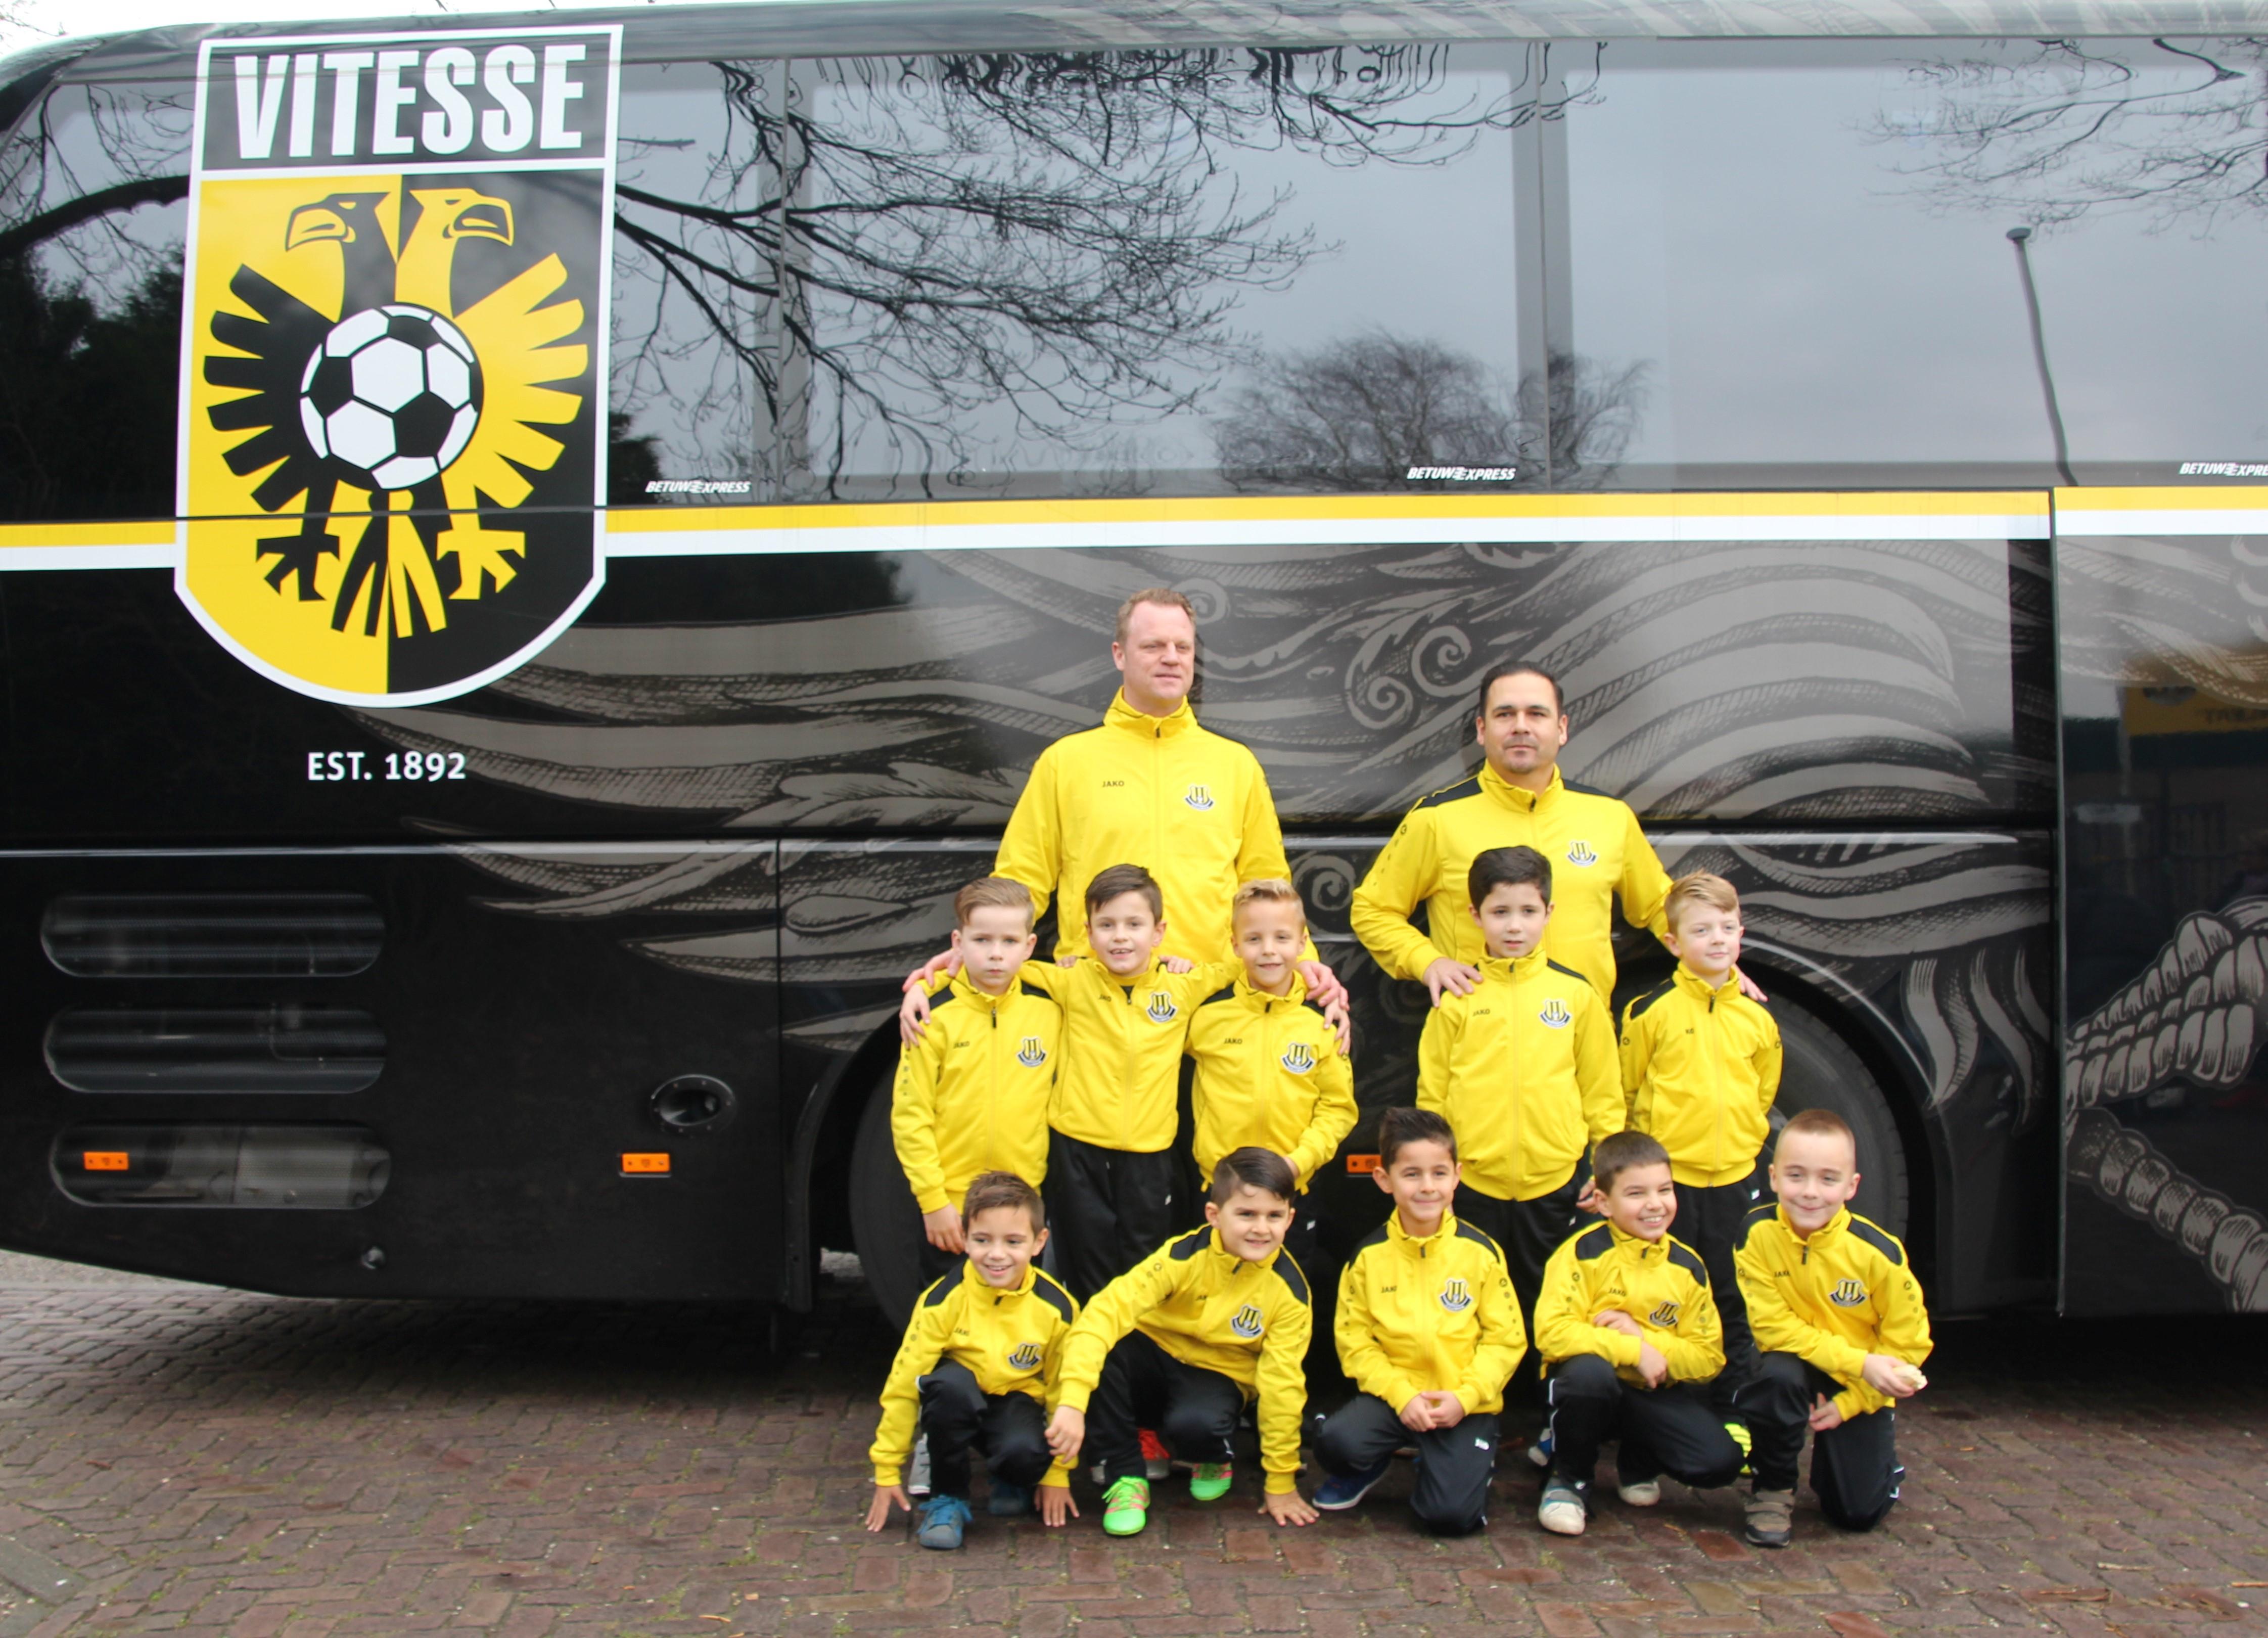 Voetbalclinic Vitesse: avv Columbia JO9-3,  de Kampioenen van de toekomst